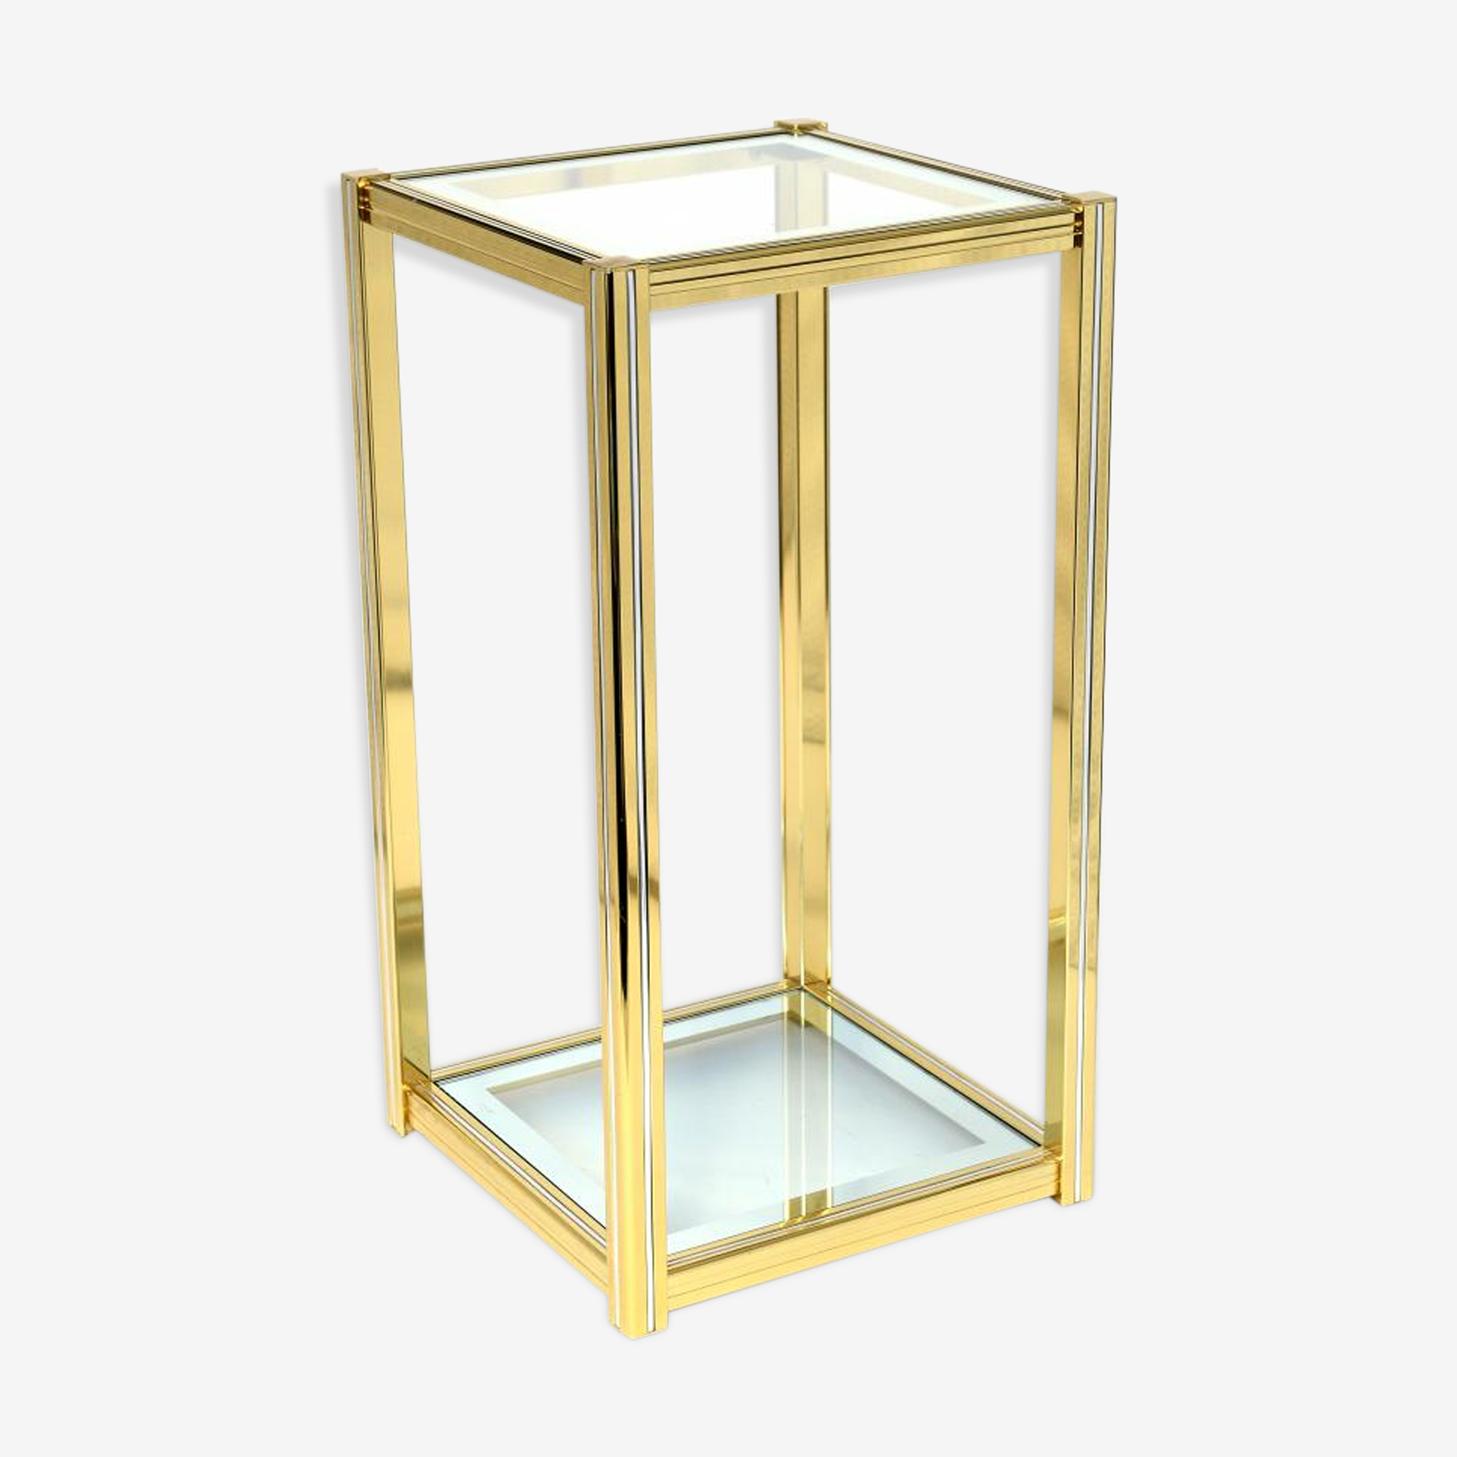 Belgo Chrom 1970 s brass side table